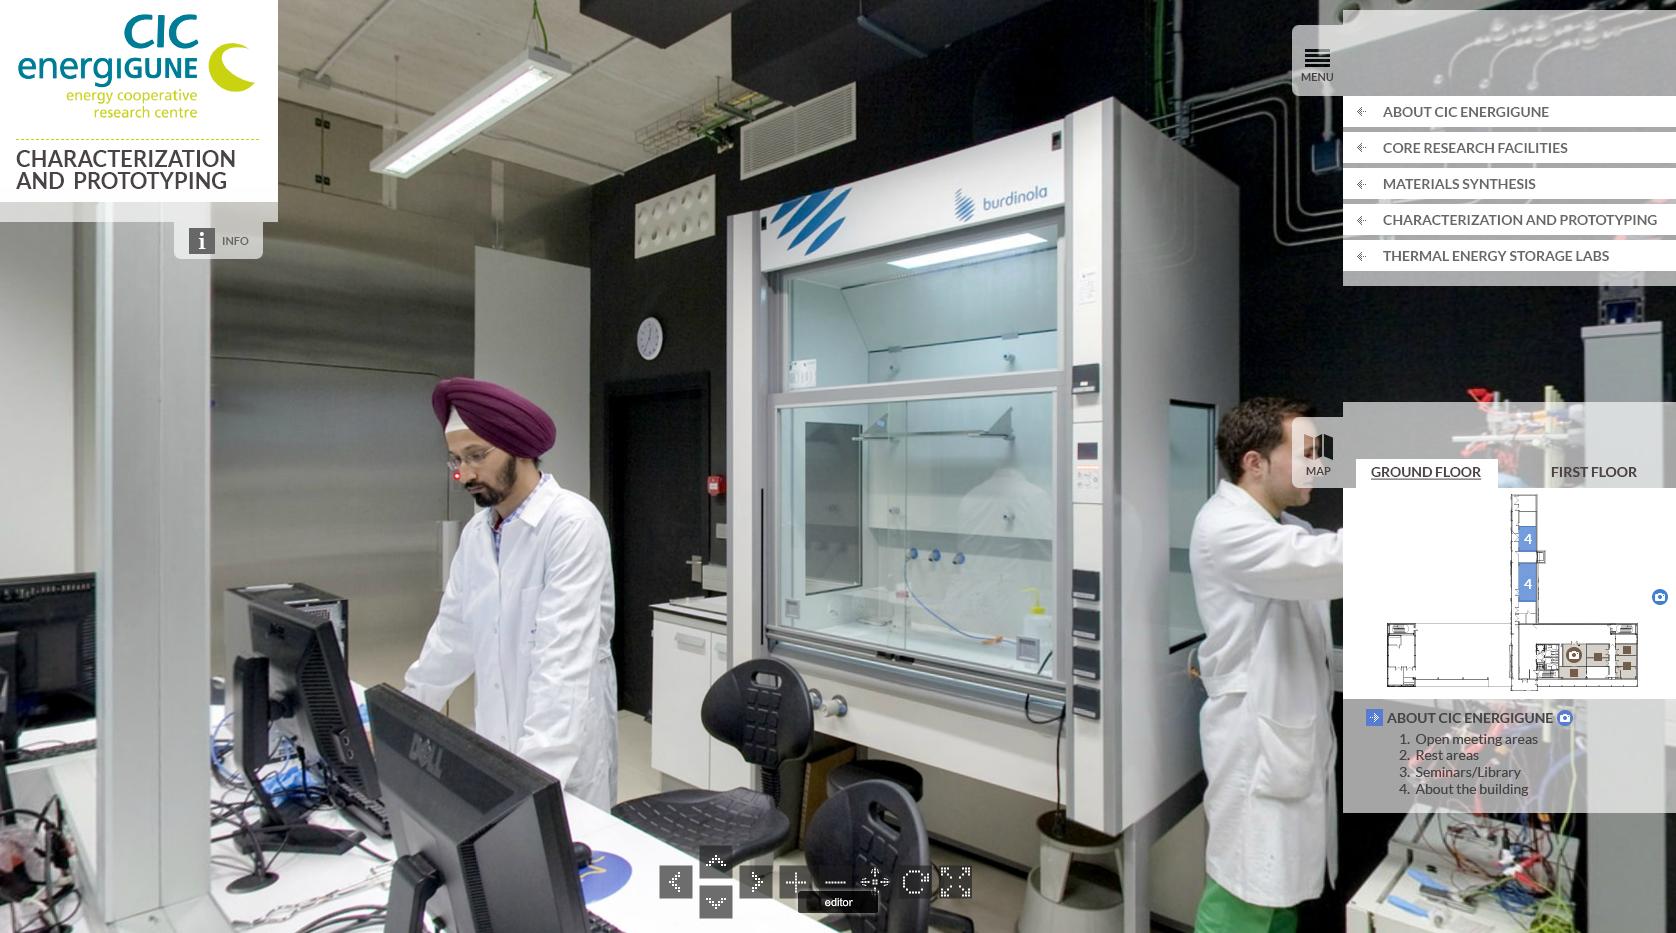 Fotografía de un panorámica 360º de un laboratorio de la Visita Virtual al edificio de CIC Energigune